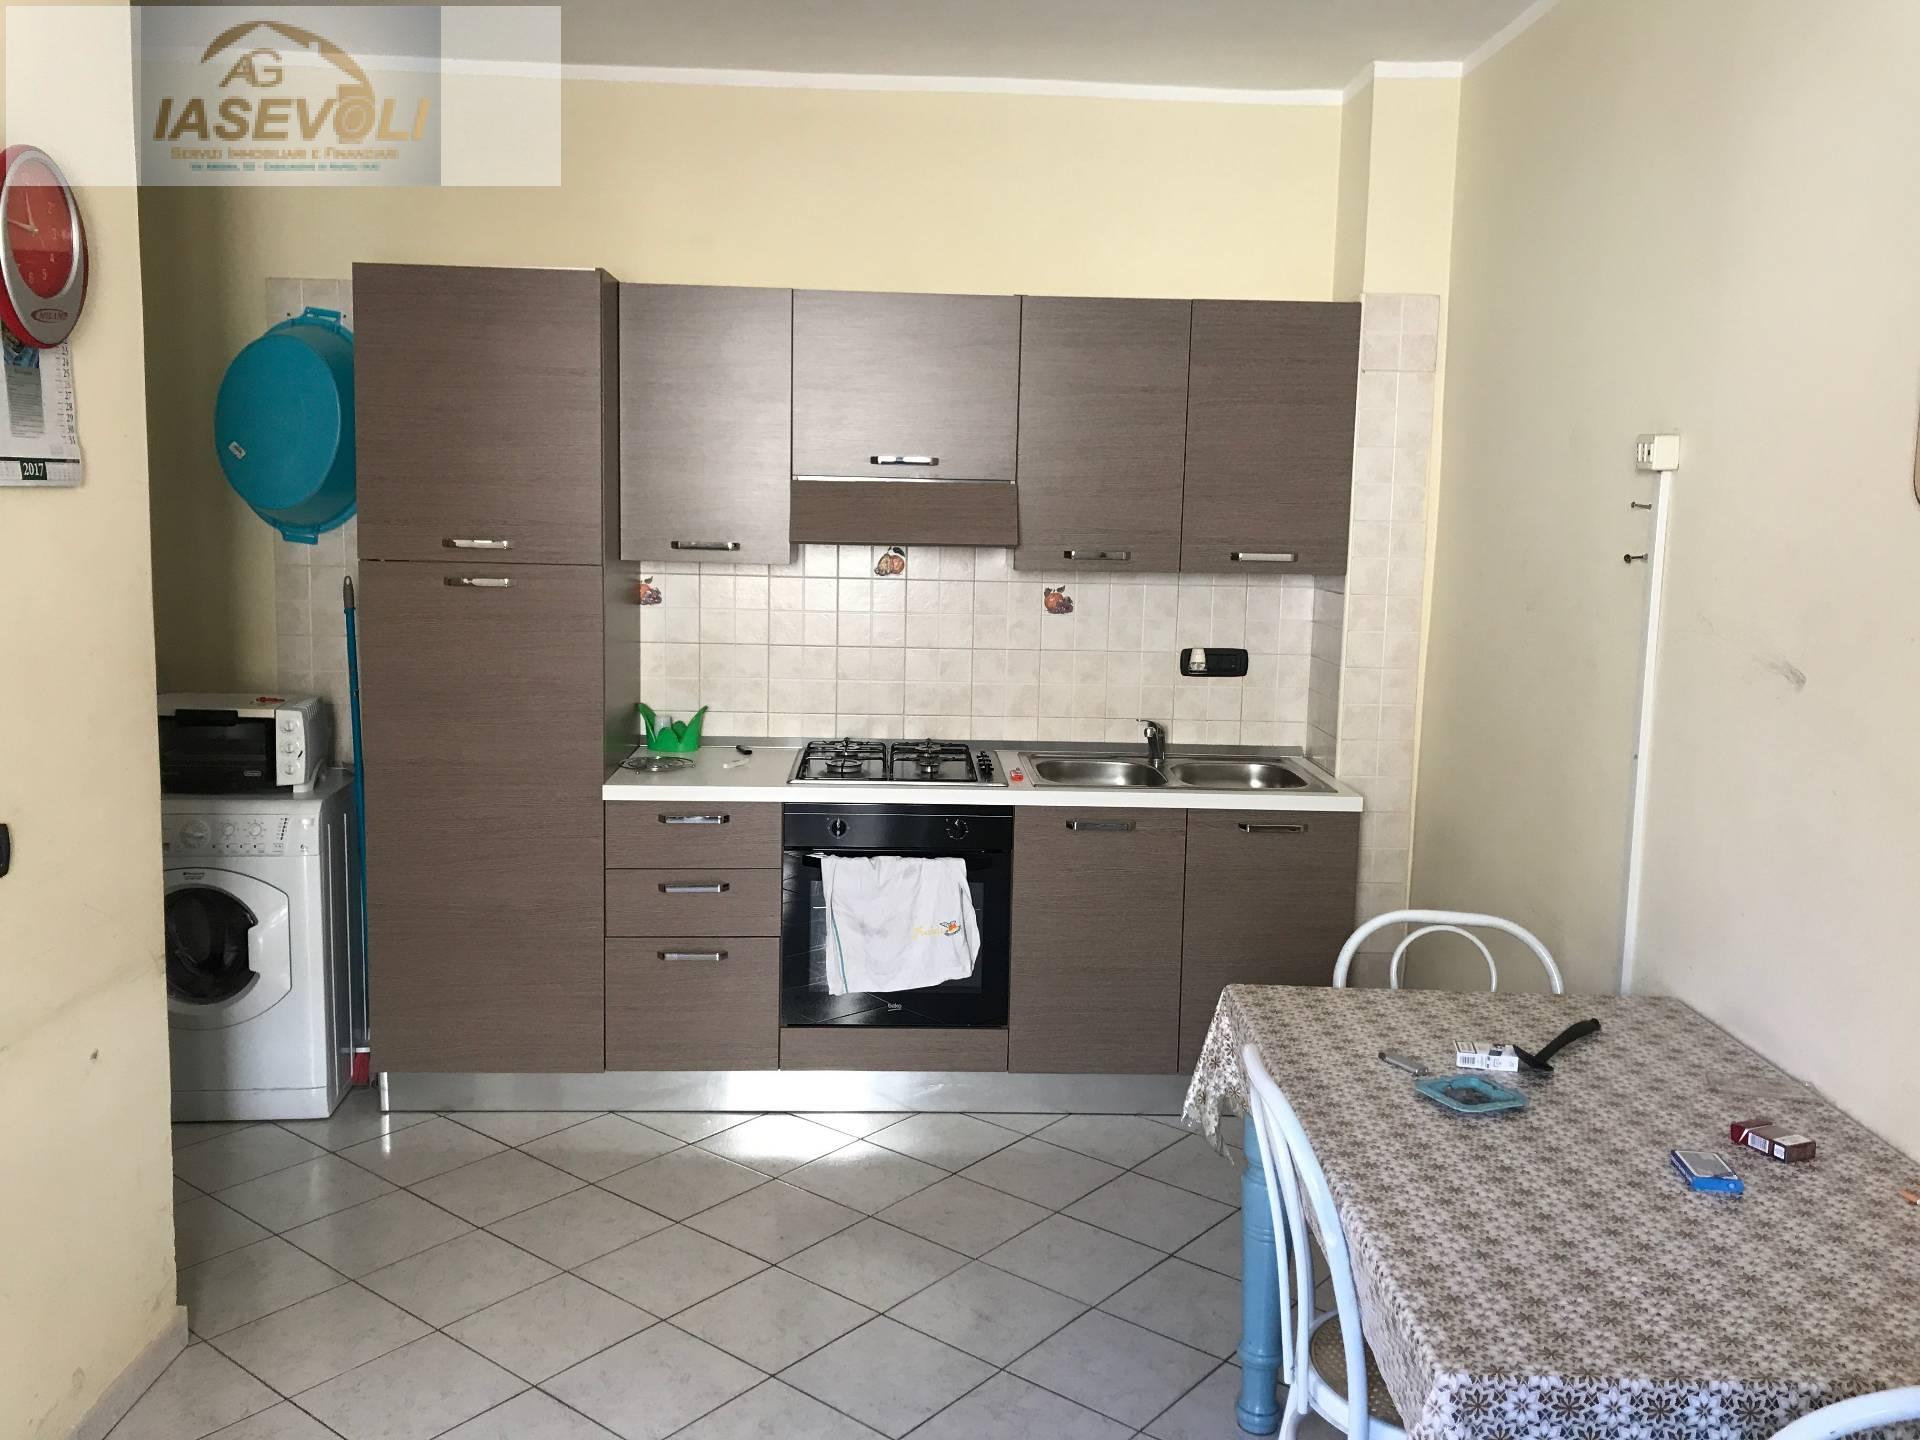 Appartamento in affitto a Casalnuovo di Napoli, 2 locali, prezzo € 300 | Cambio Casa.it